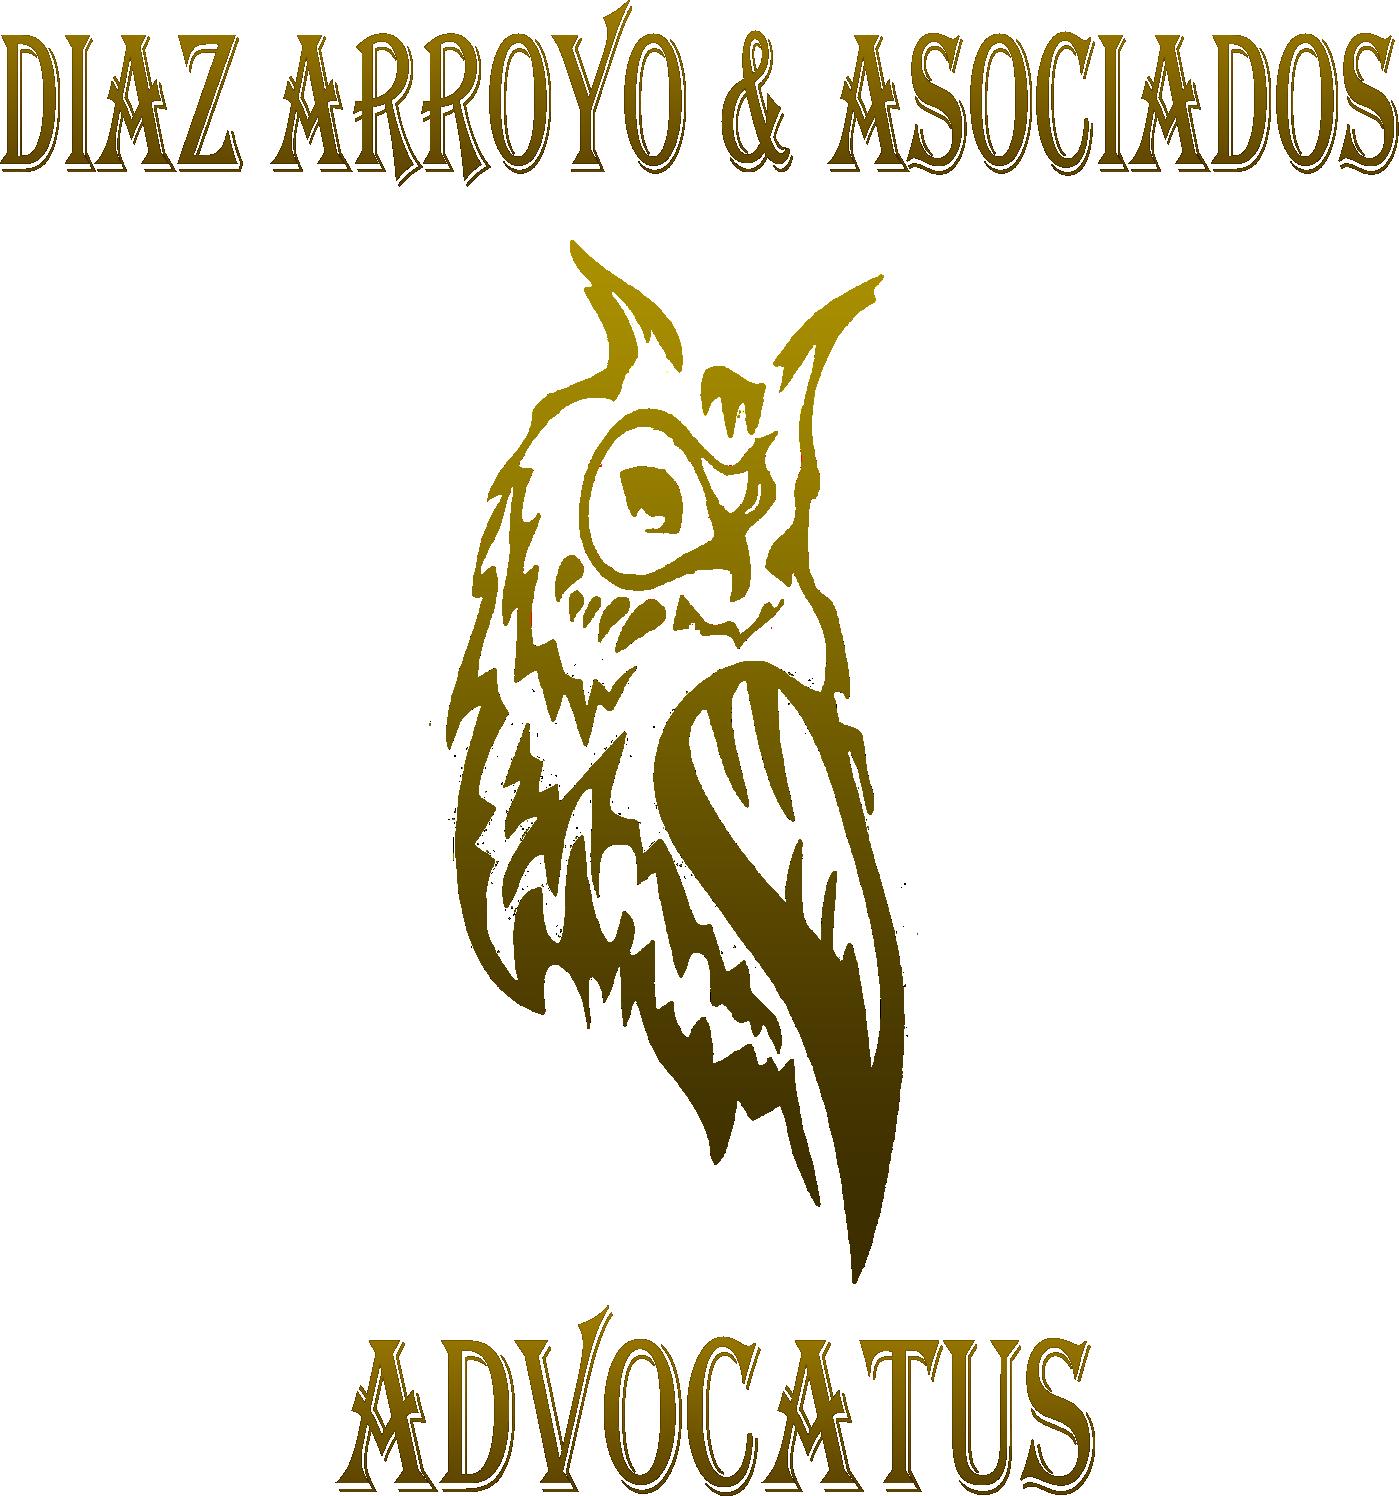 Diaz Arroyo y Asociados